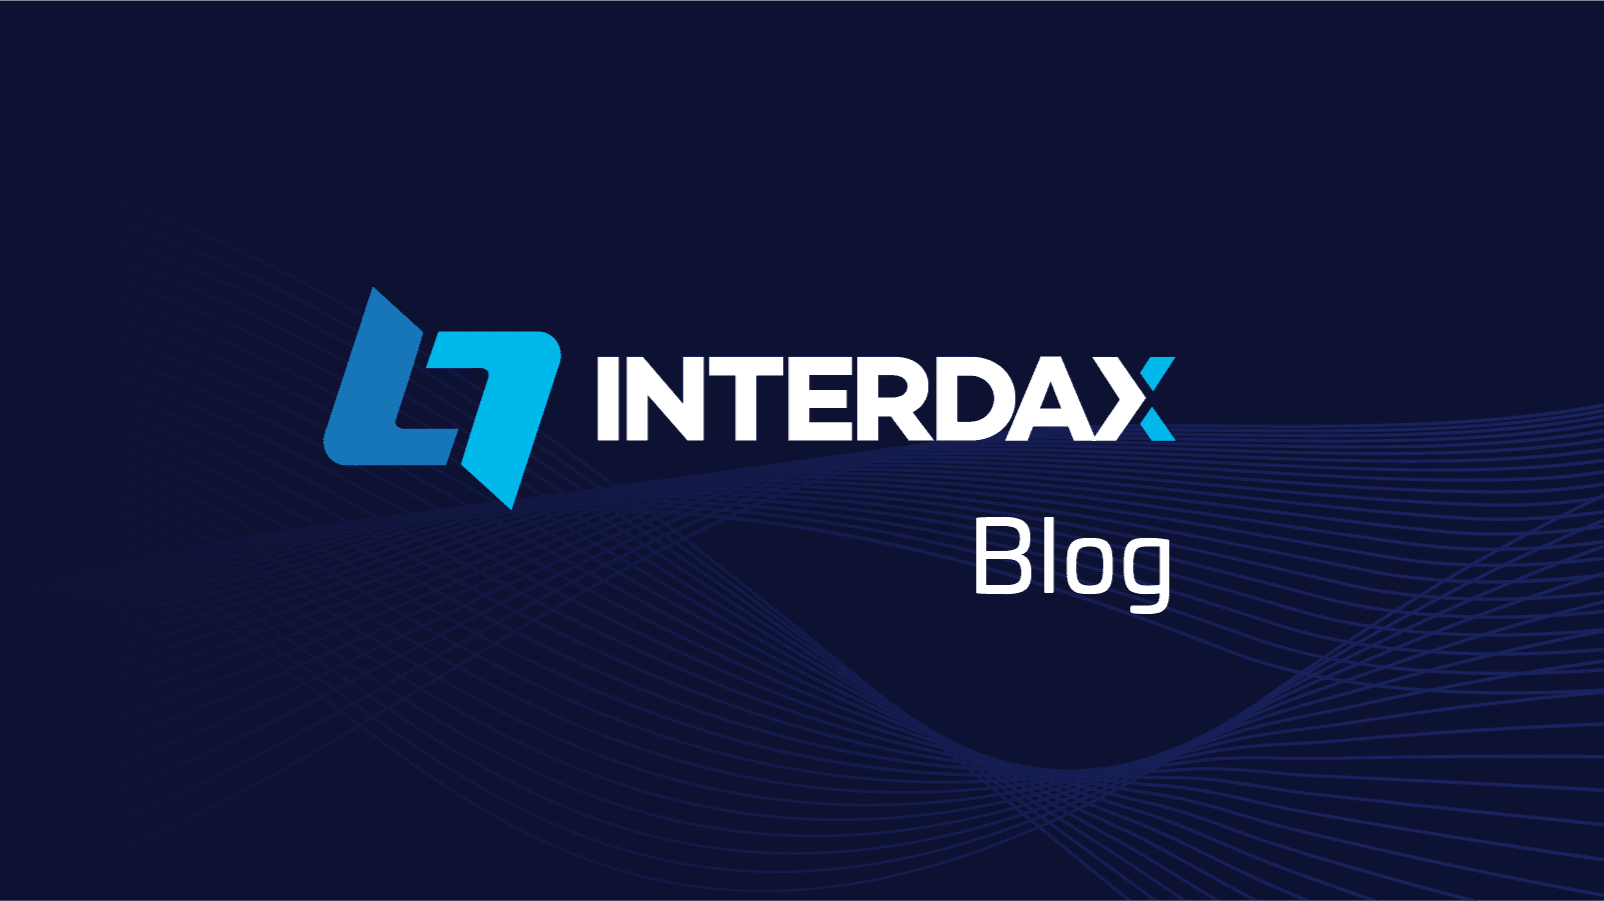 Interdax logo with dark blue background